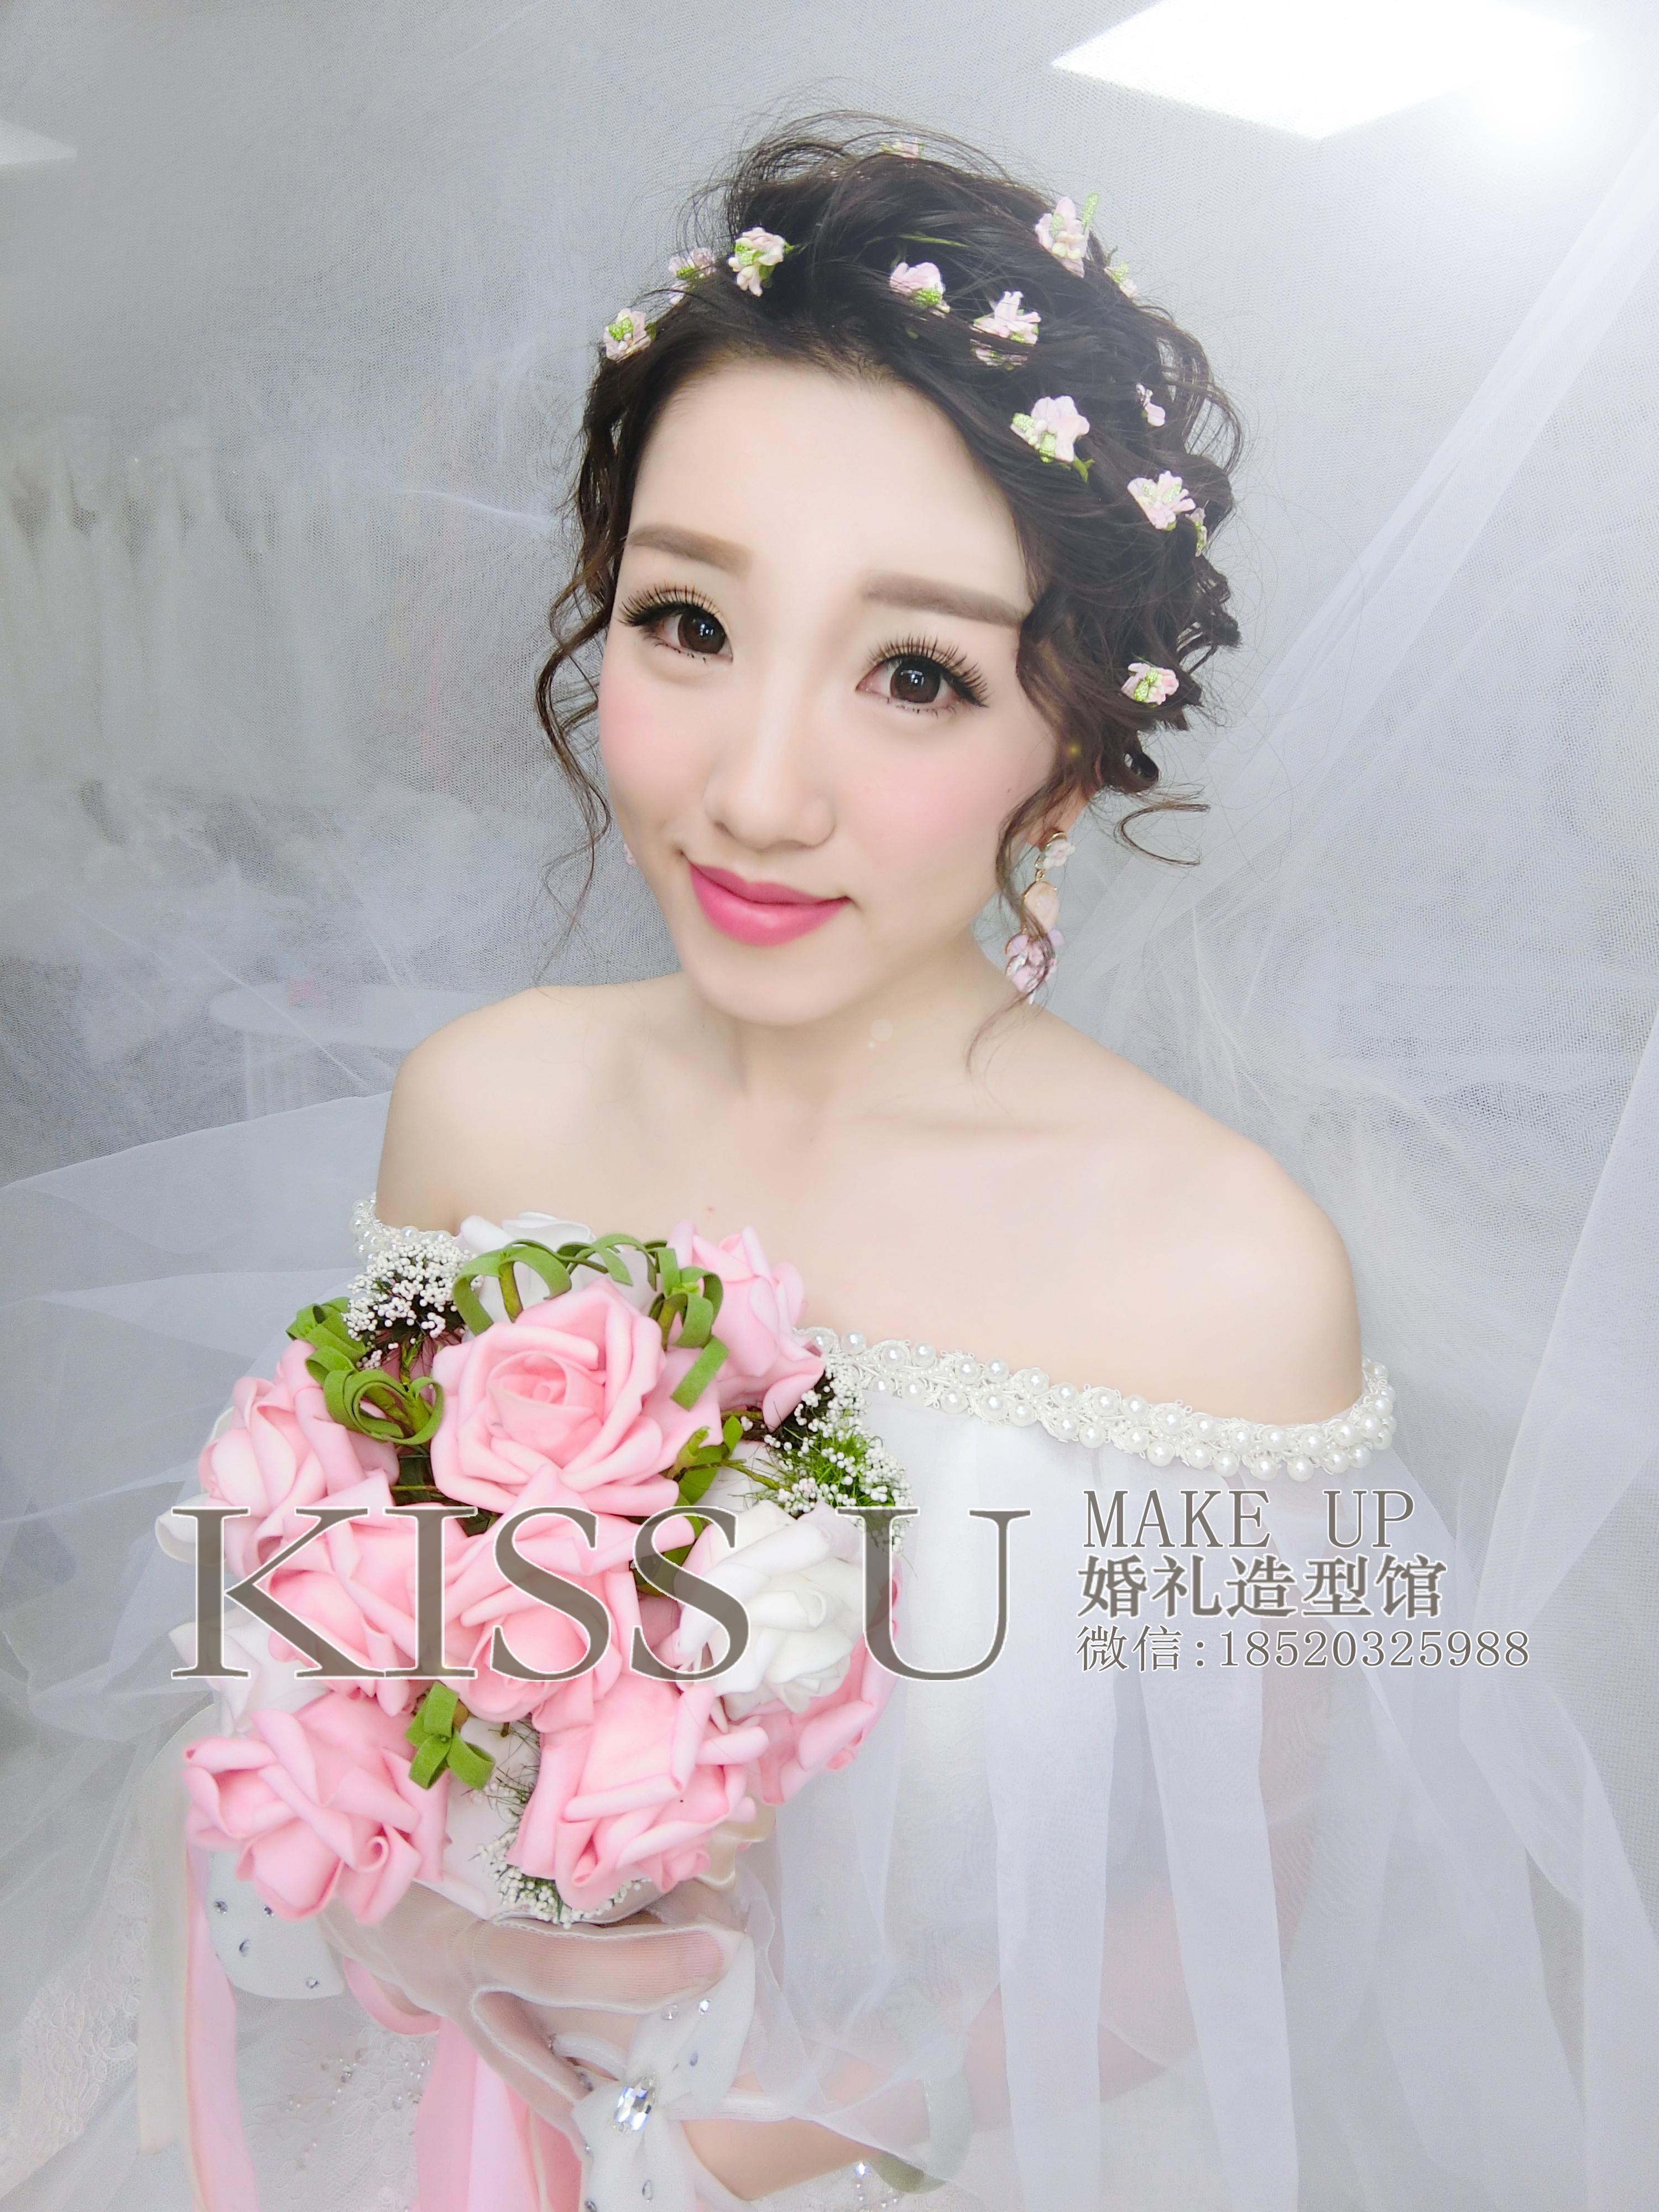 新娘造型分享-kiss u婚礼造型馆-广州化妆师婷婷